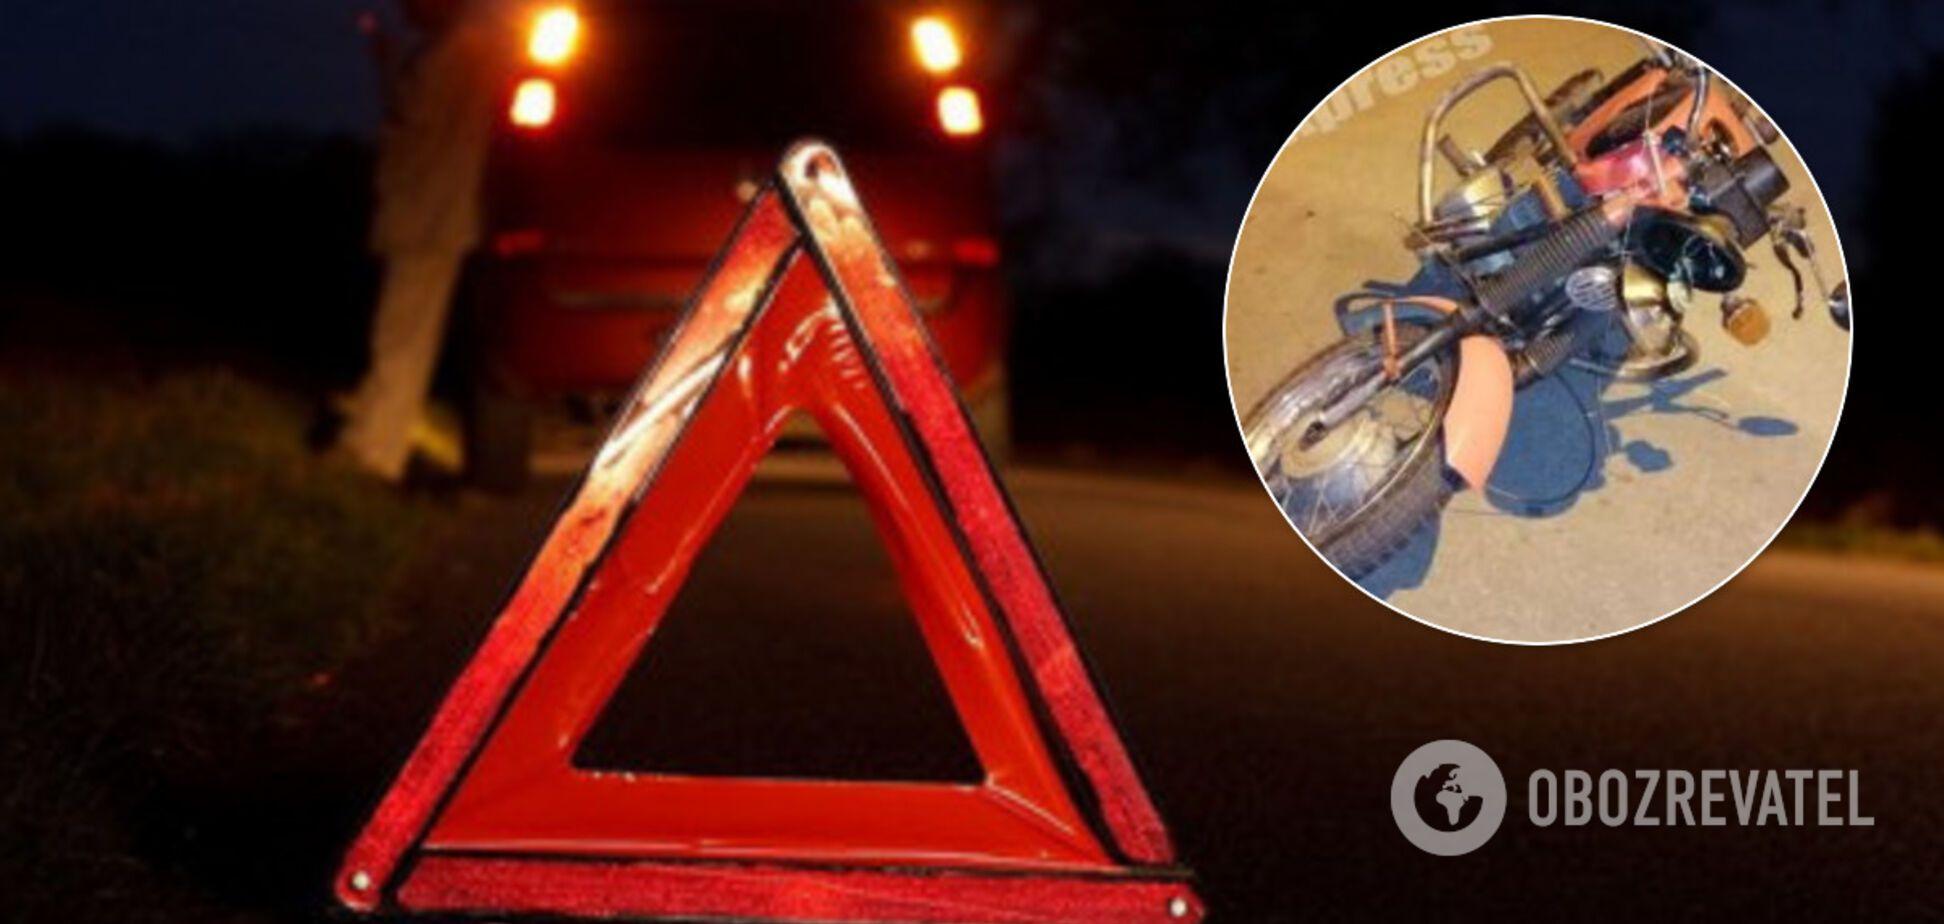 В Днепре в результате столкновения авто и мотоцикла пострадал подросток. Фото